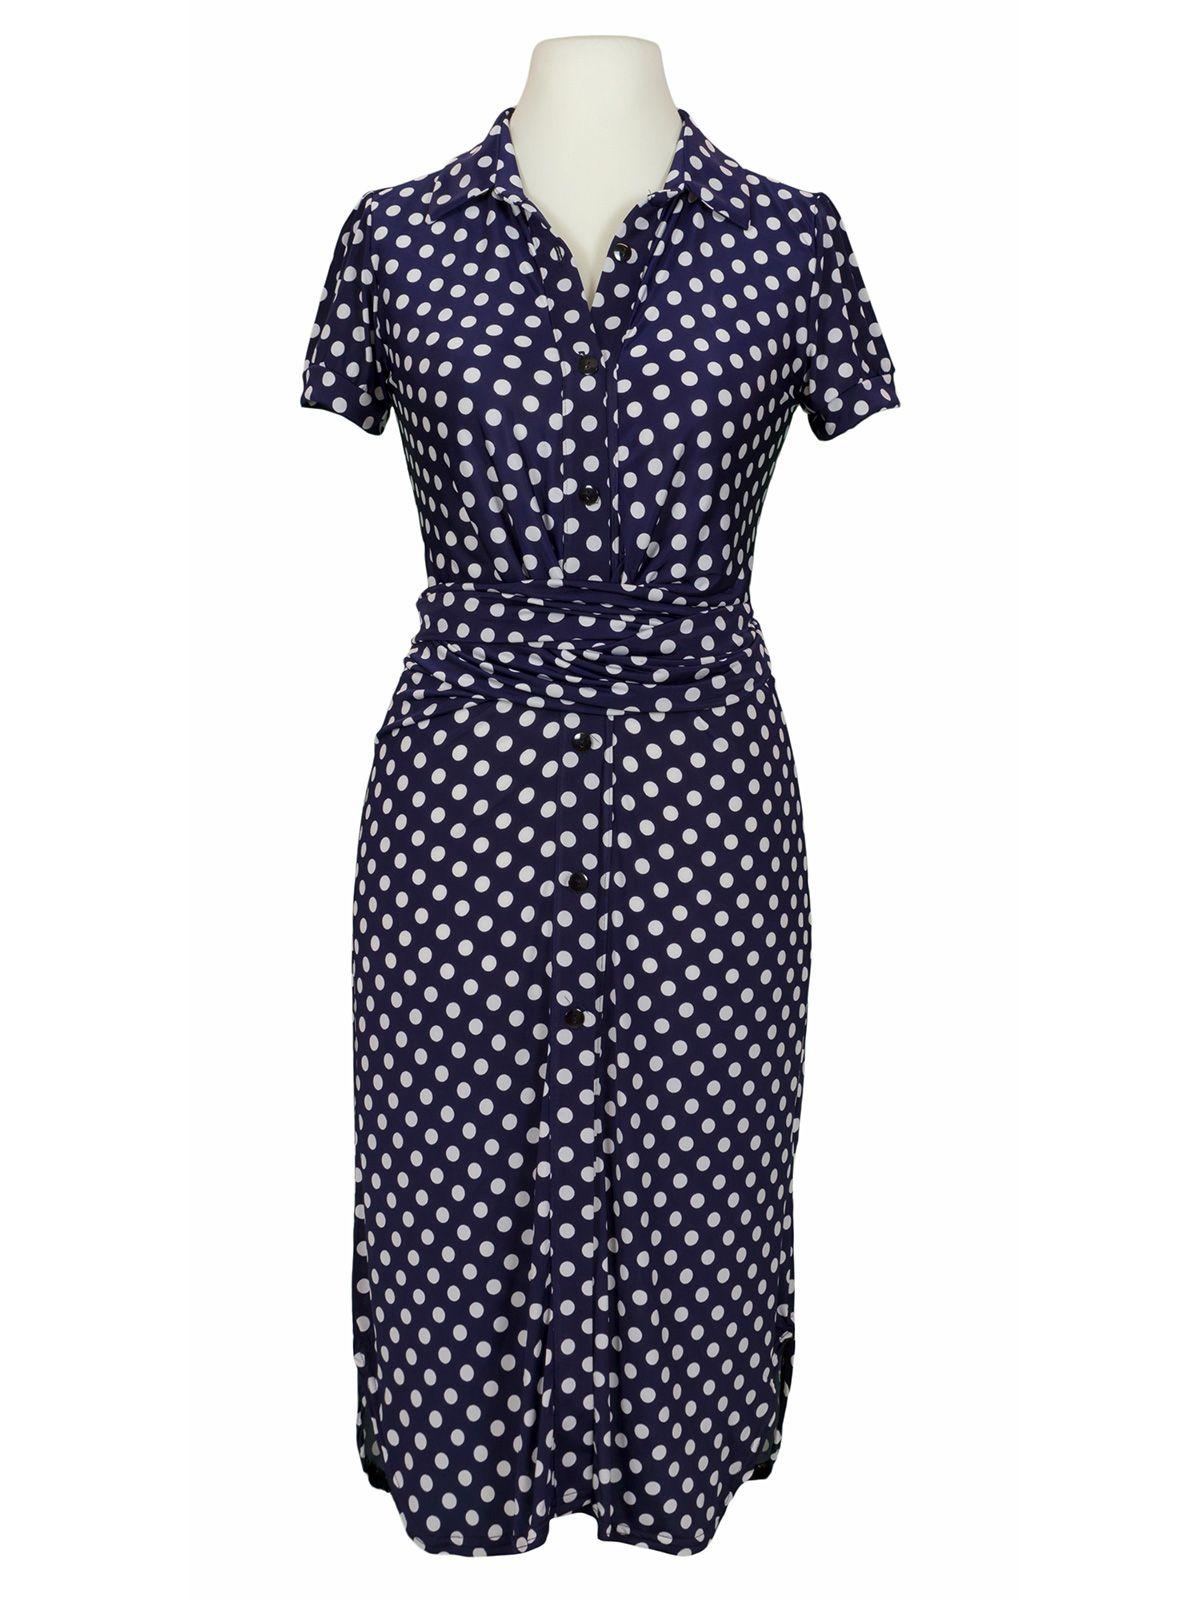 Jerseykleid Punkte, dunkelblau | Kleider, Kleid mit ärmel ...